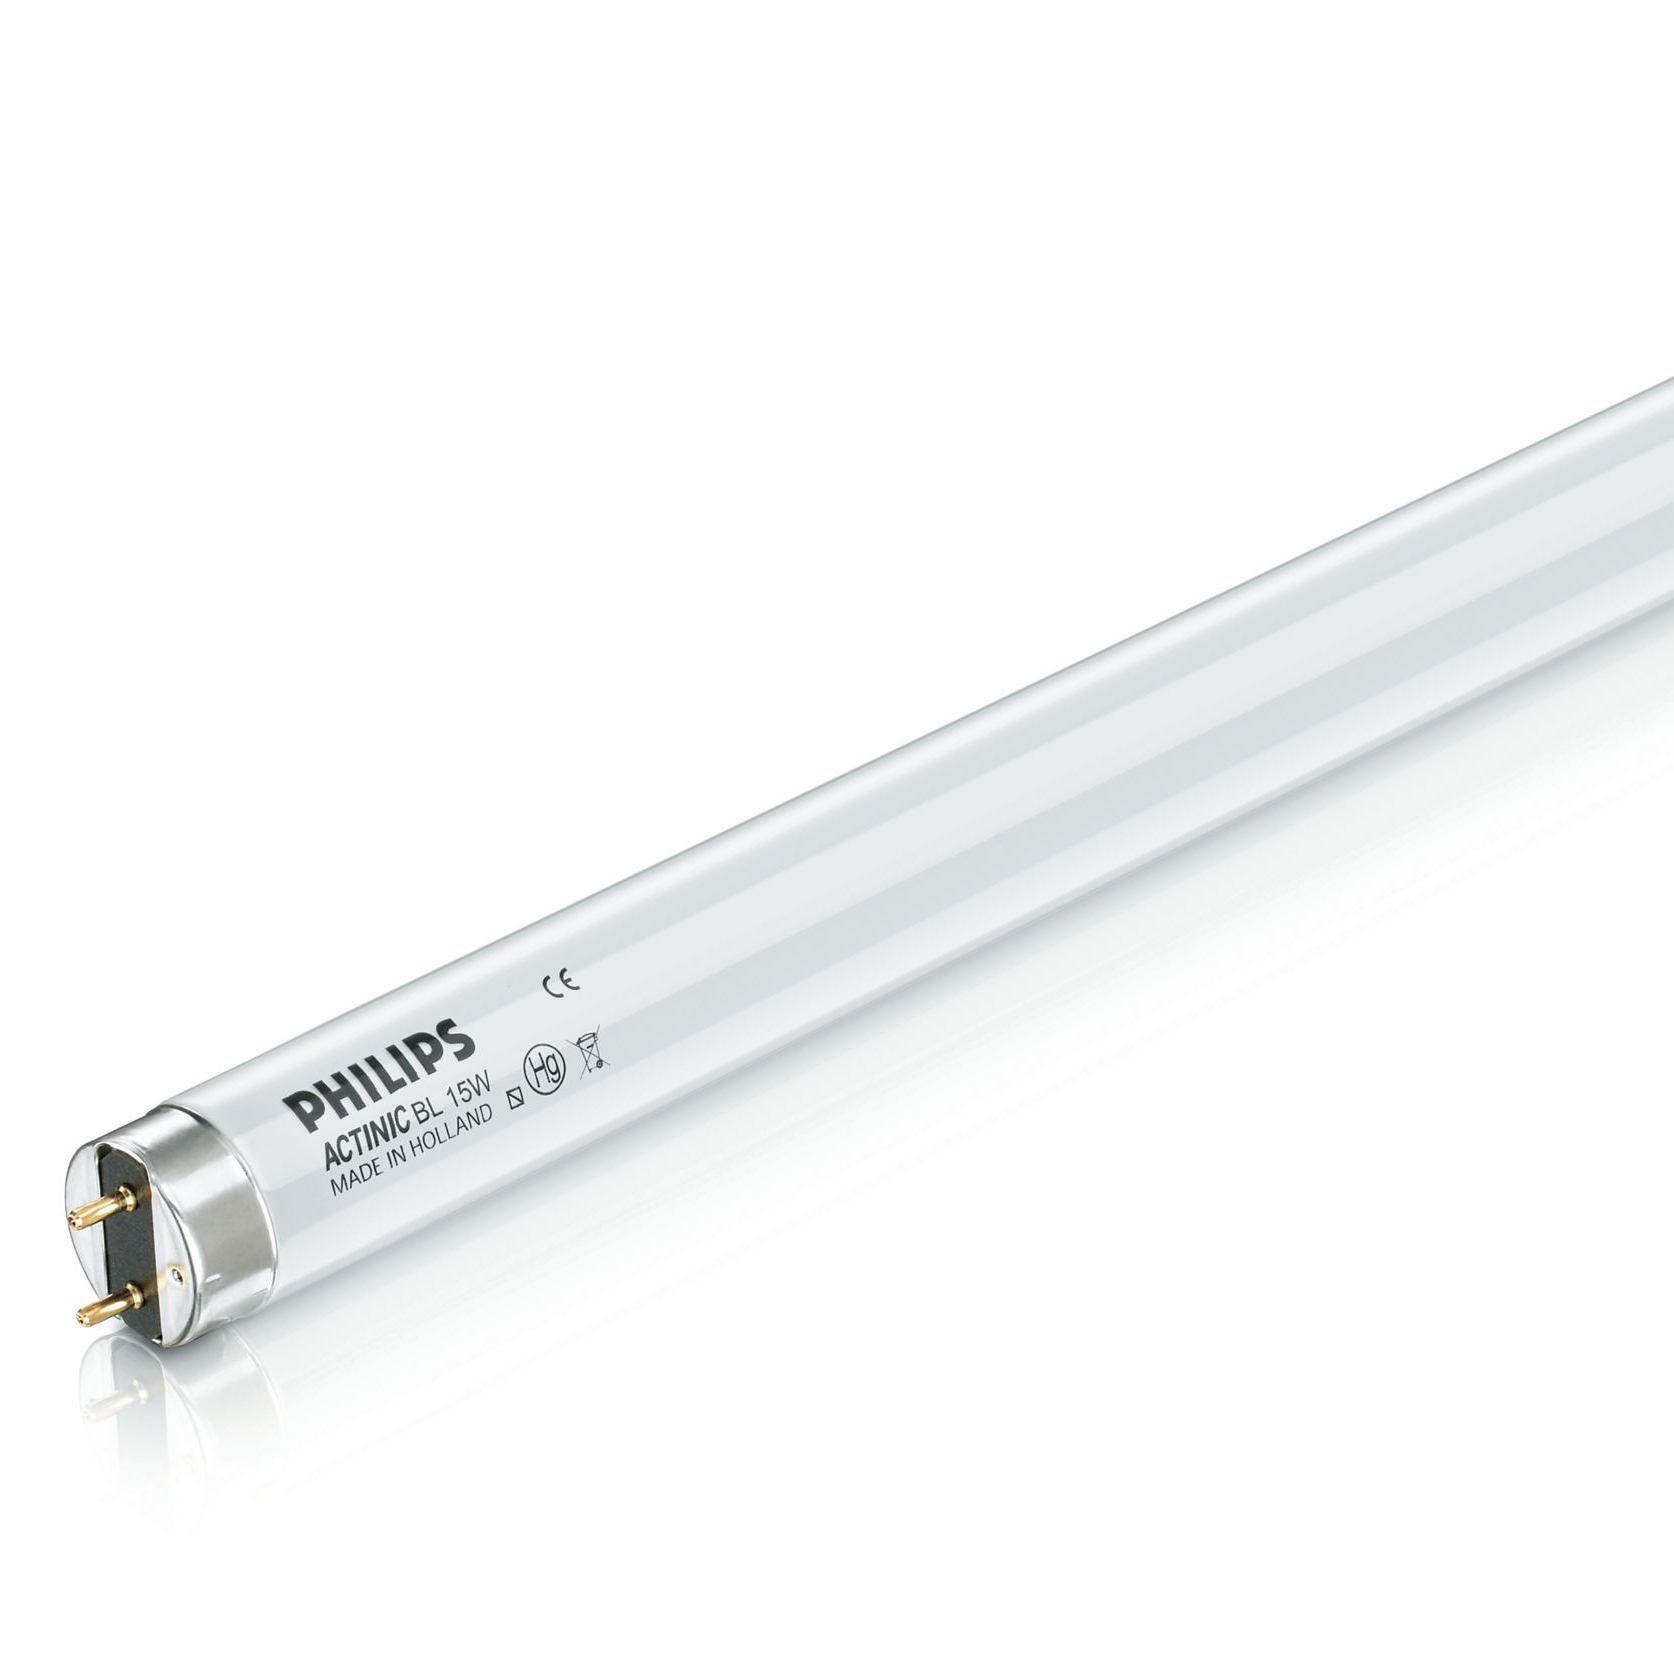 Купить Люминесцентная лампа Actinic BL TL-D 18W/10 1SL/25, Philips